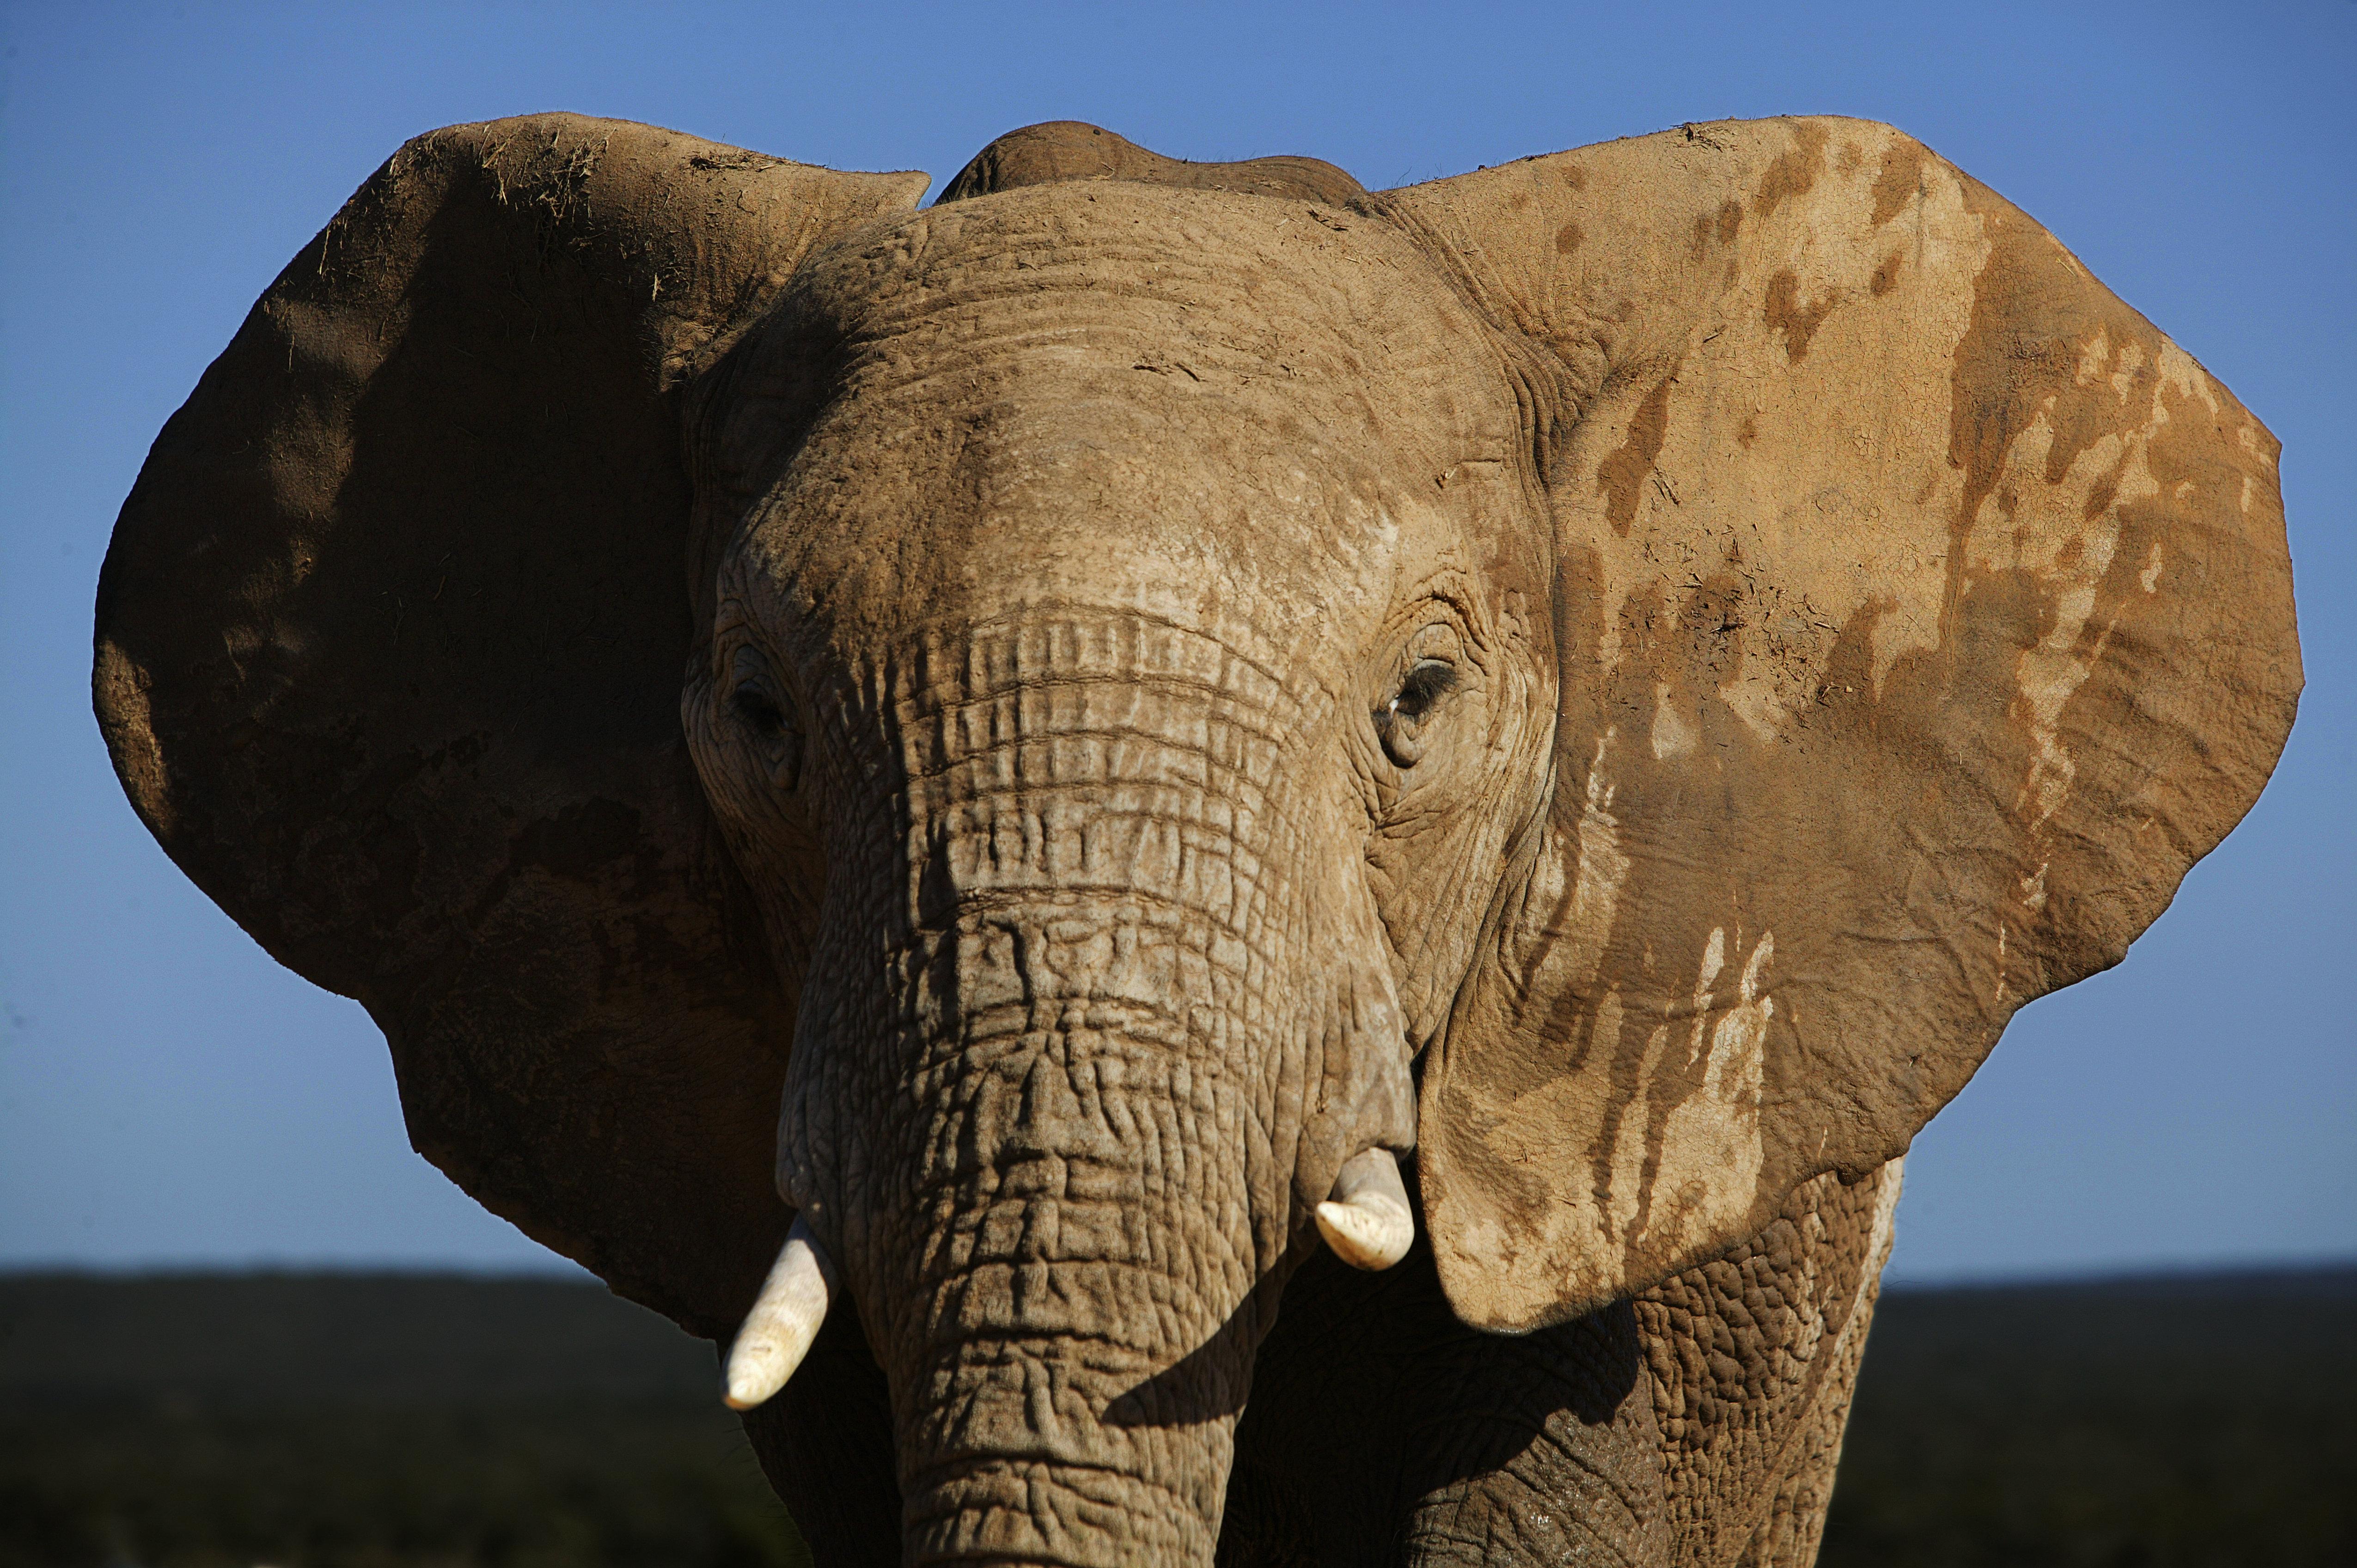 Afrikanischer Elefant, Addo Elephant Park, Ostkap, Südafrika, Afrika Rights-Managed Image - Lizenzpflichtiges Bildmaterial - (c) by LOOK-foto - JEGLICHE VERWENDUNG nur gegen HONORAR und BELEG - Werbliche Nutzung nur nach schriftlicher Freigabe - Es gelten die AGB von LOOK-foto - Tel. +49(0)89.544 233-0, Fax -22, info@look-foto.de, LOOK GmbH, Muellerstr. 42, 80469 Muenchen - www.look-foto.de